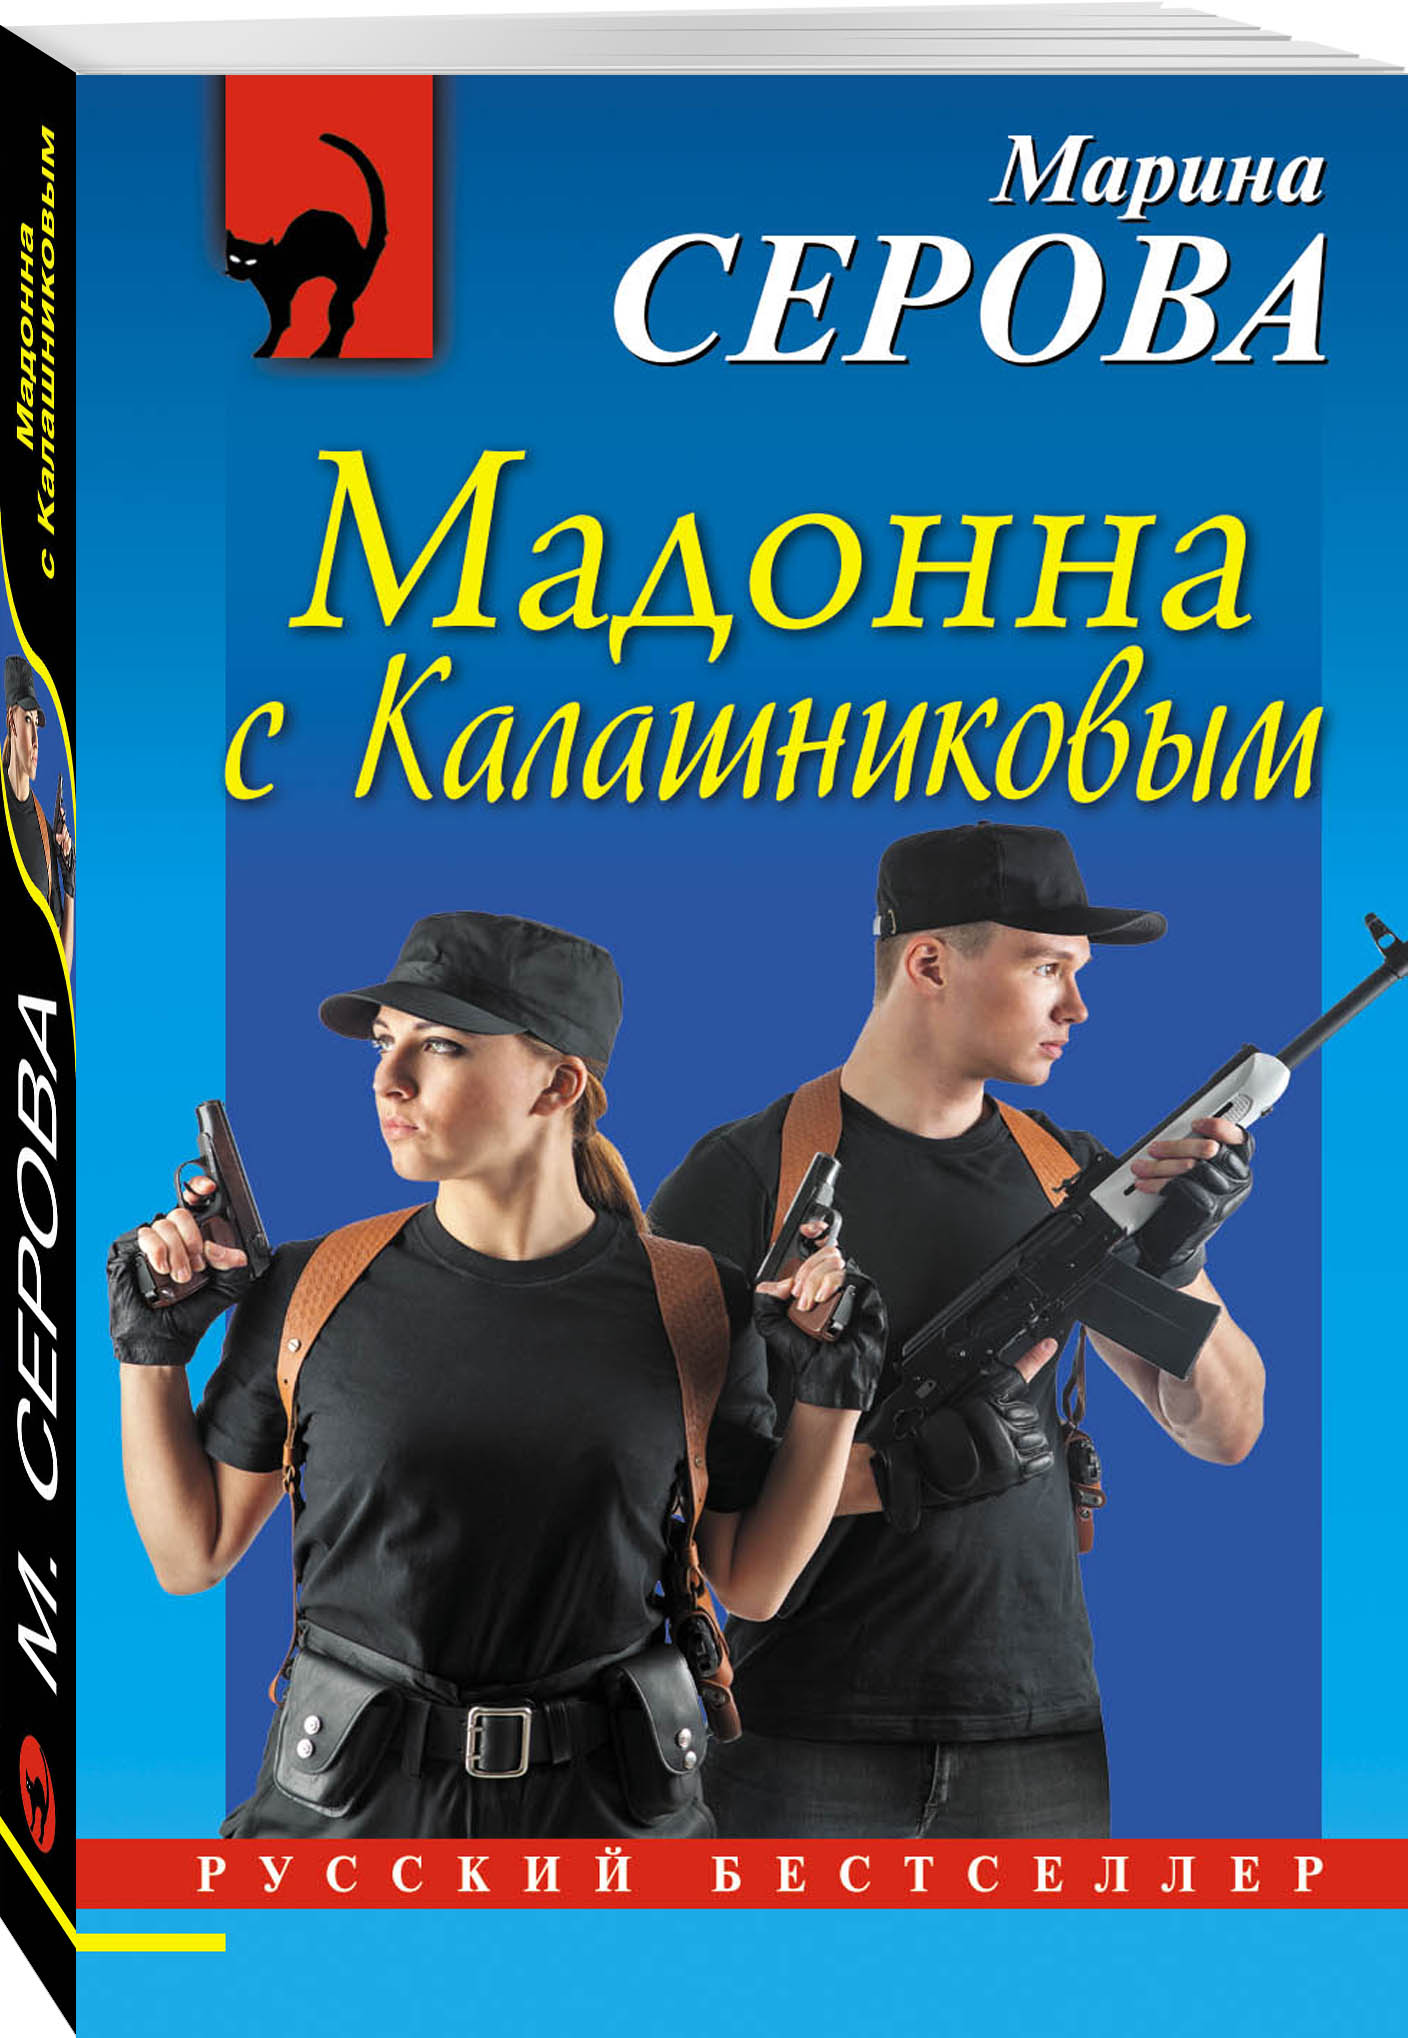 цена на Марина Серова Мадонна с Калашниковым